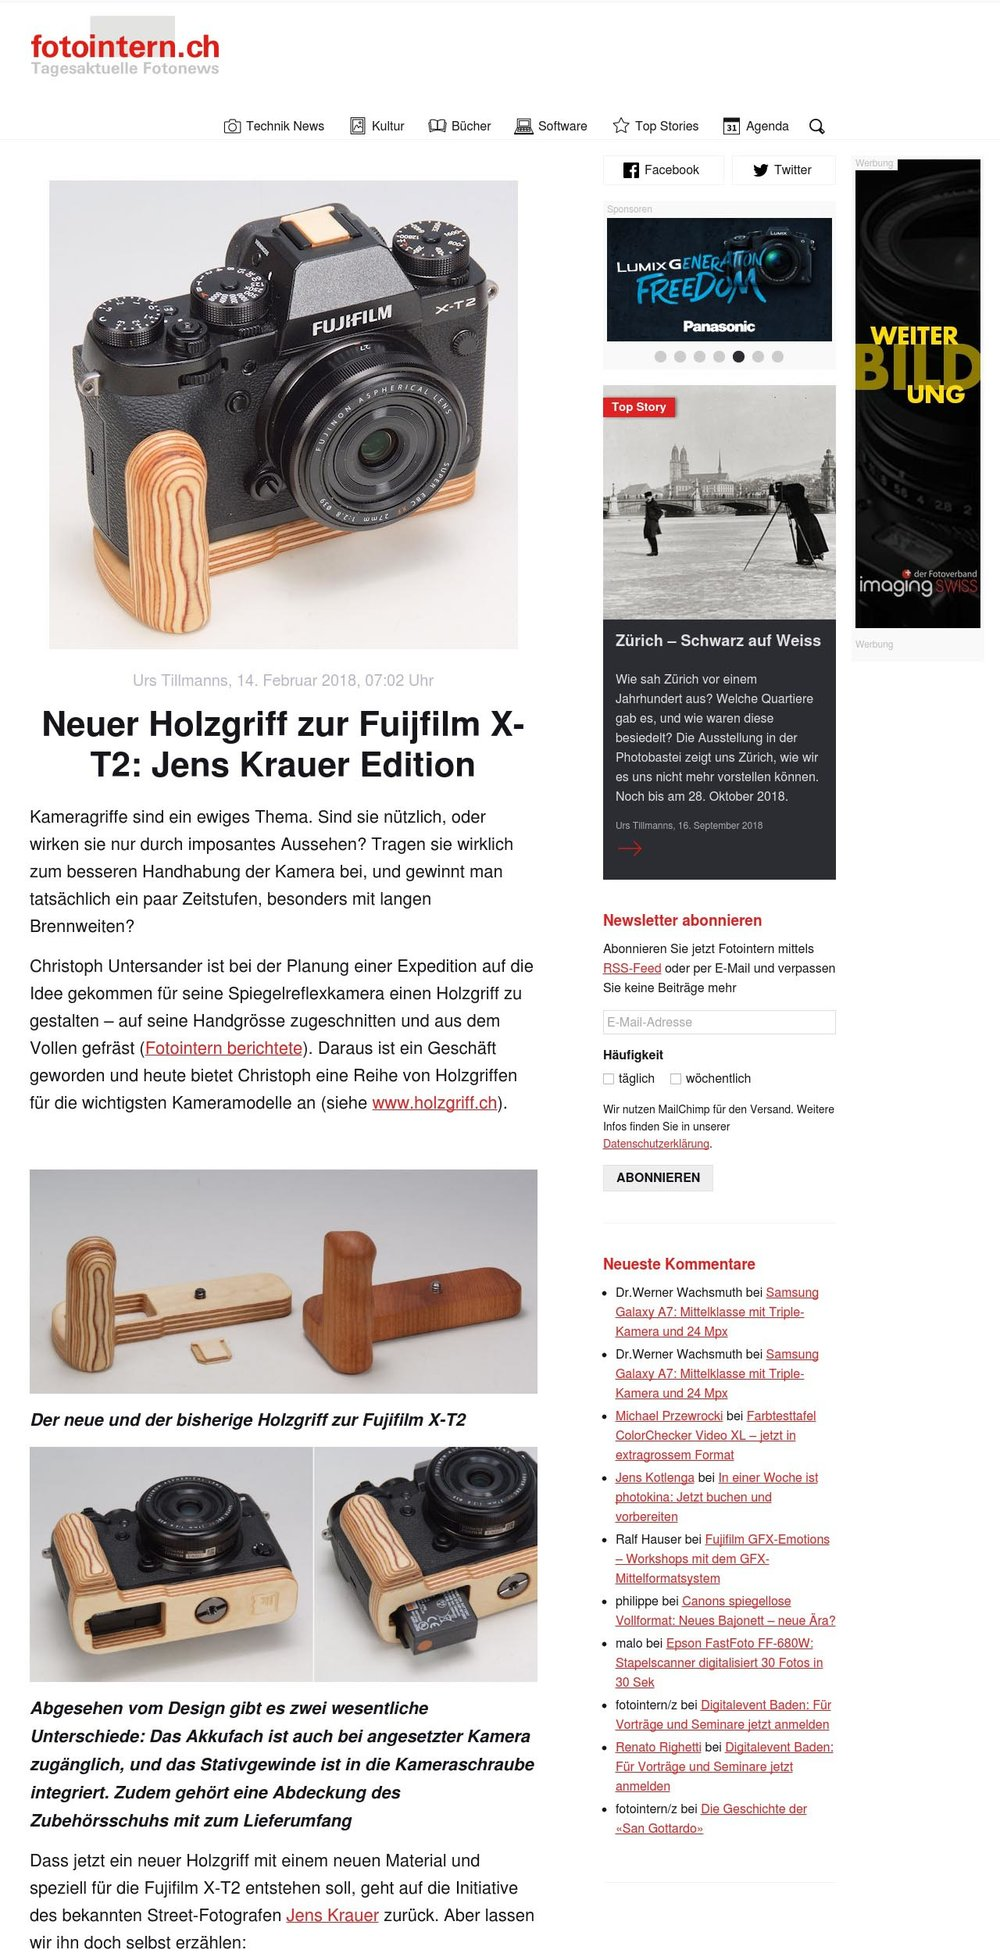 https://www.fotointern.ch/archiv/2018/02/14/neuer-holzgriff-zur-fuijfilm-x-t2-jens-krauer-edition/